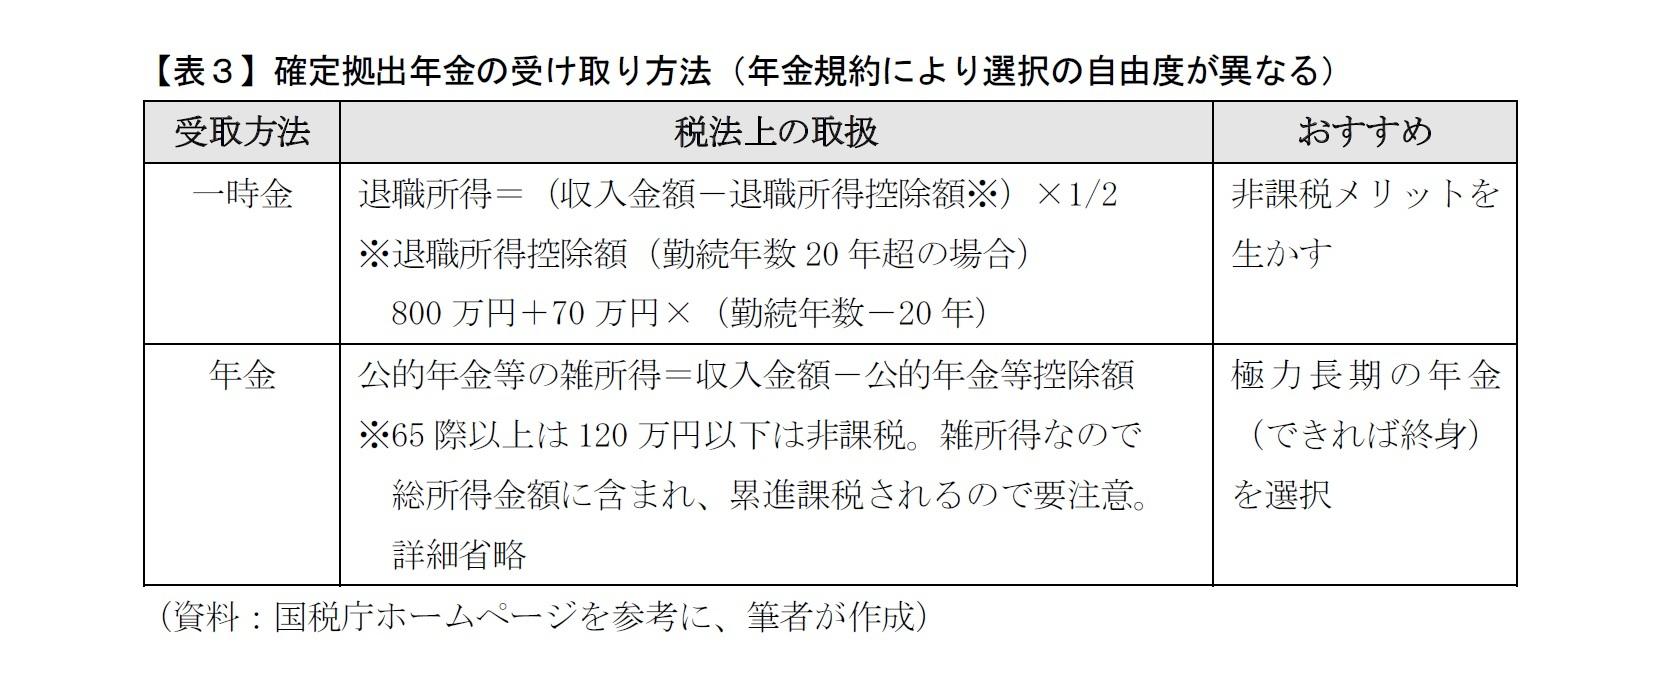 【表3】確定拠出年金の受け取り方法(年金規約により選択の自由度が異なる)